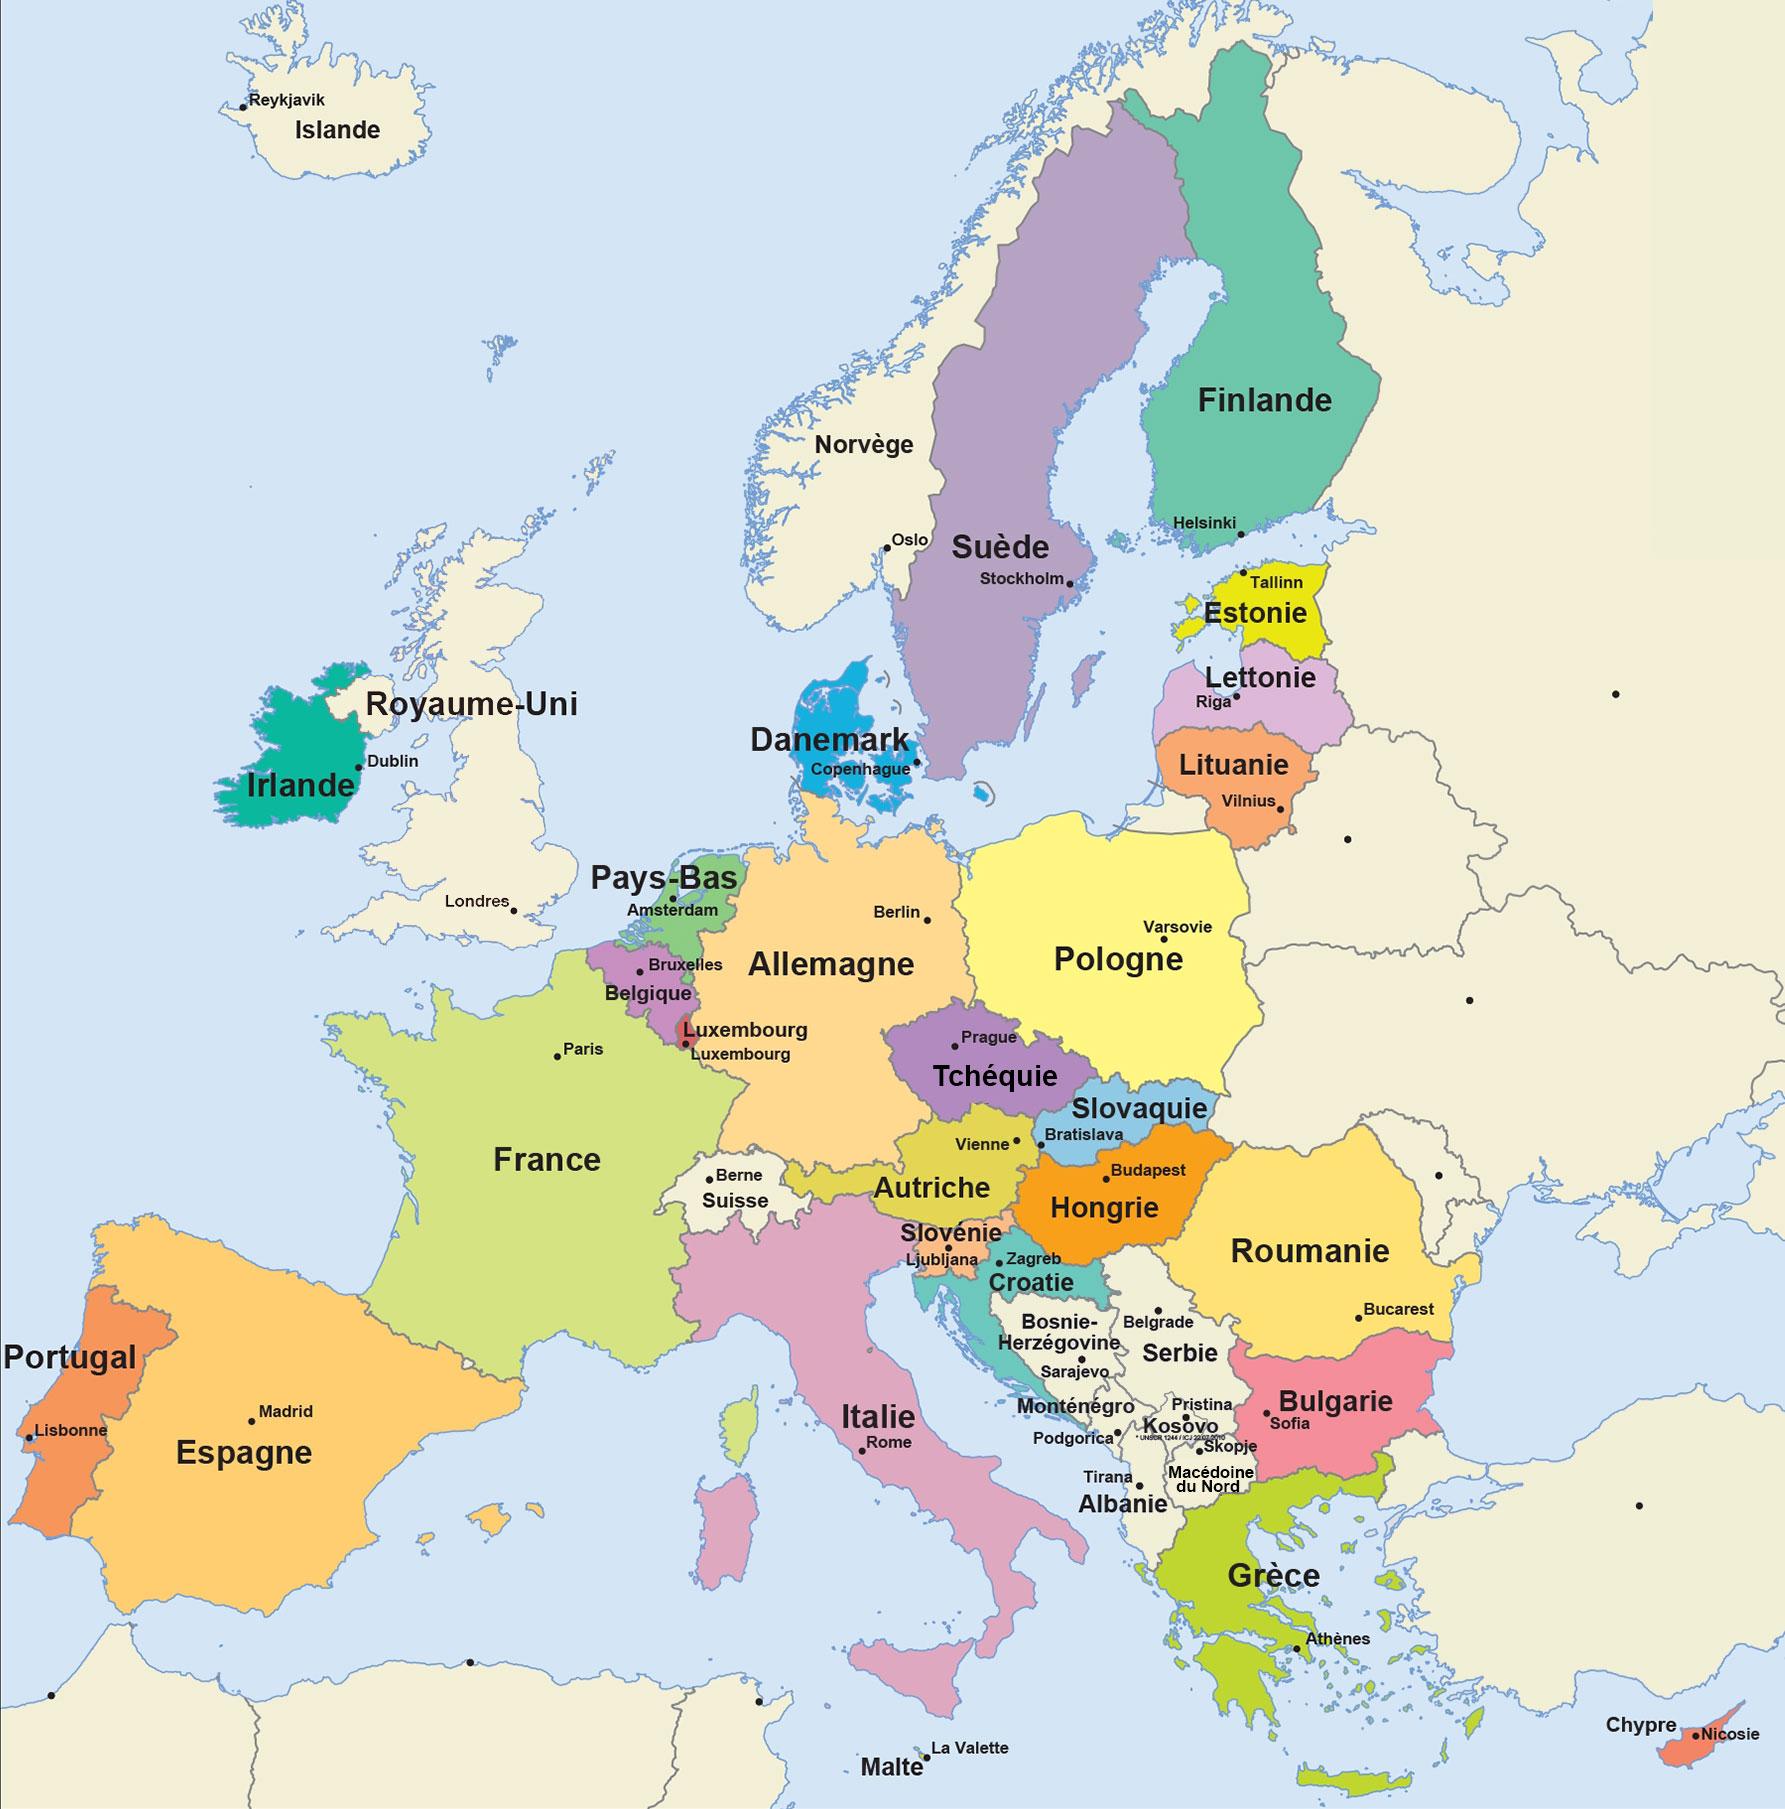 Facile À Lire - L'union Européenne | Union Européenne dedans Carte Des Pays Membres De L Ue